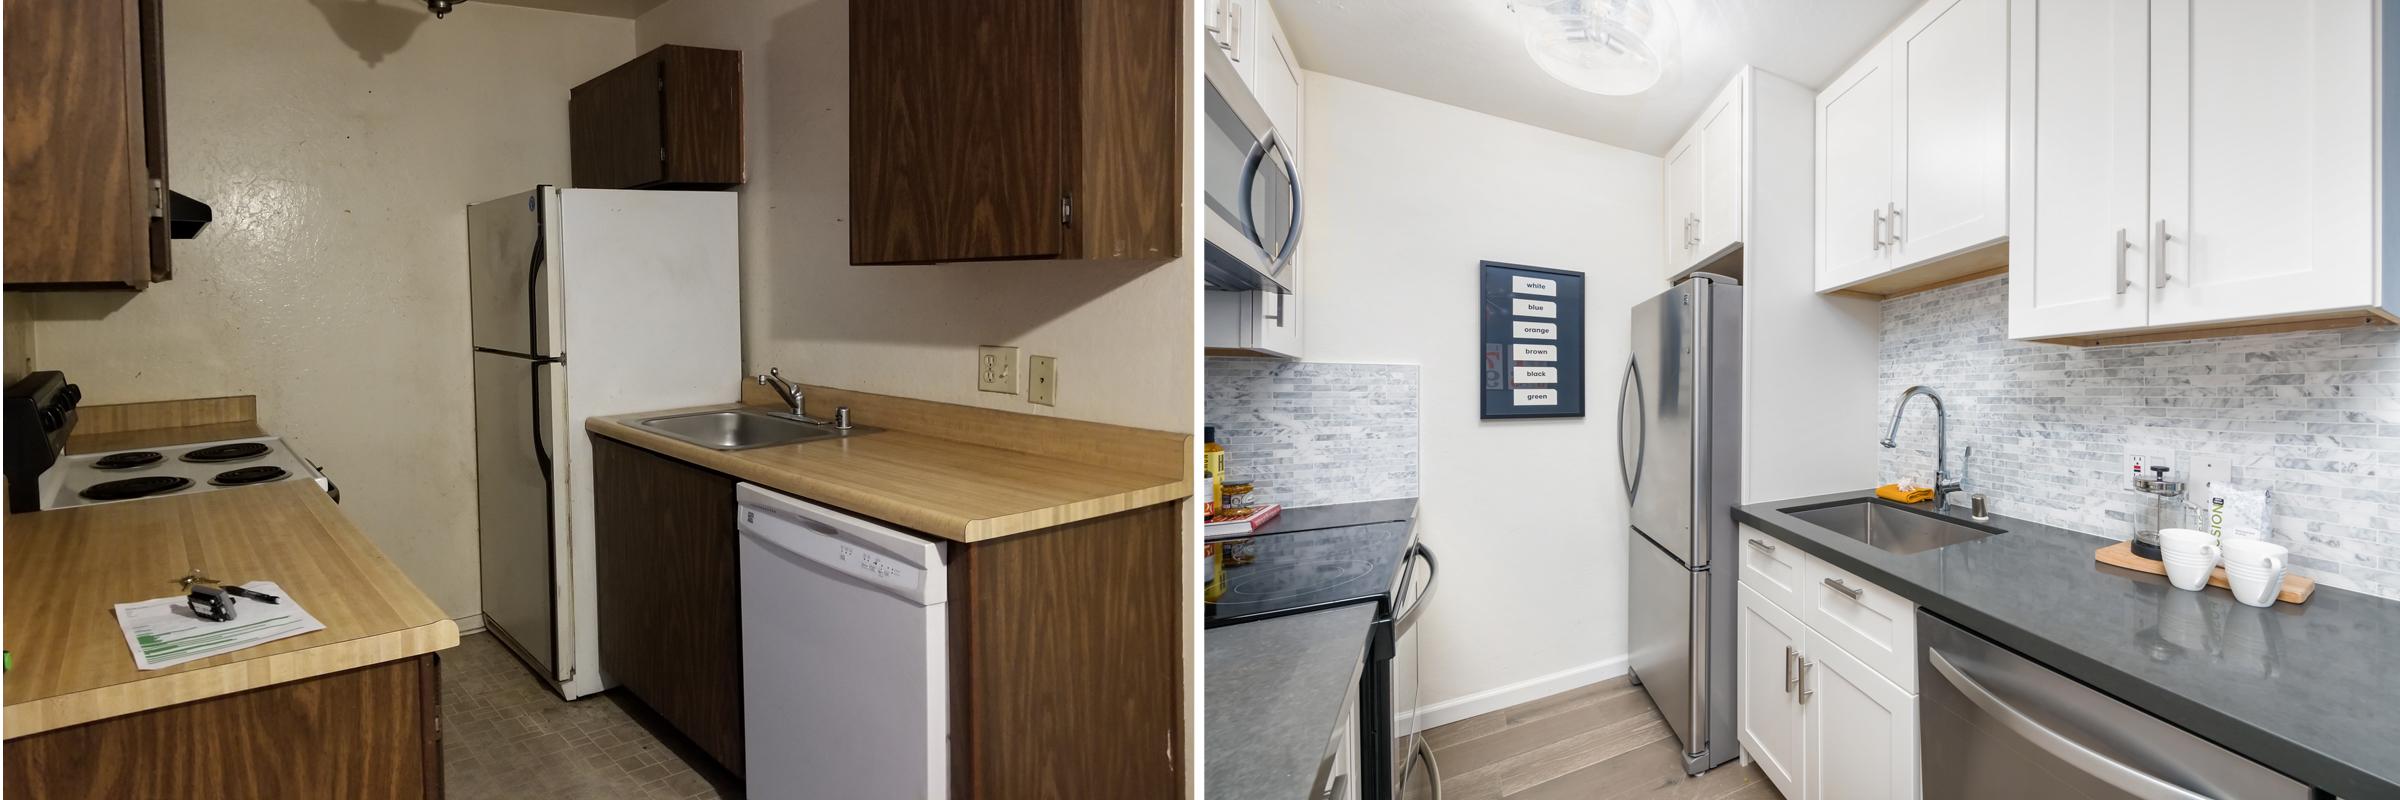 408 boardwalk kitchen with line.jpg